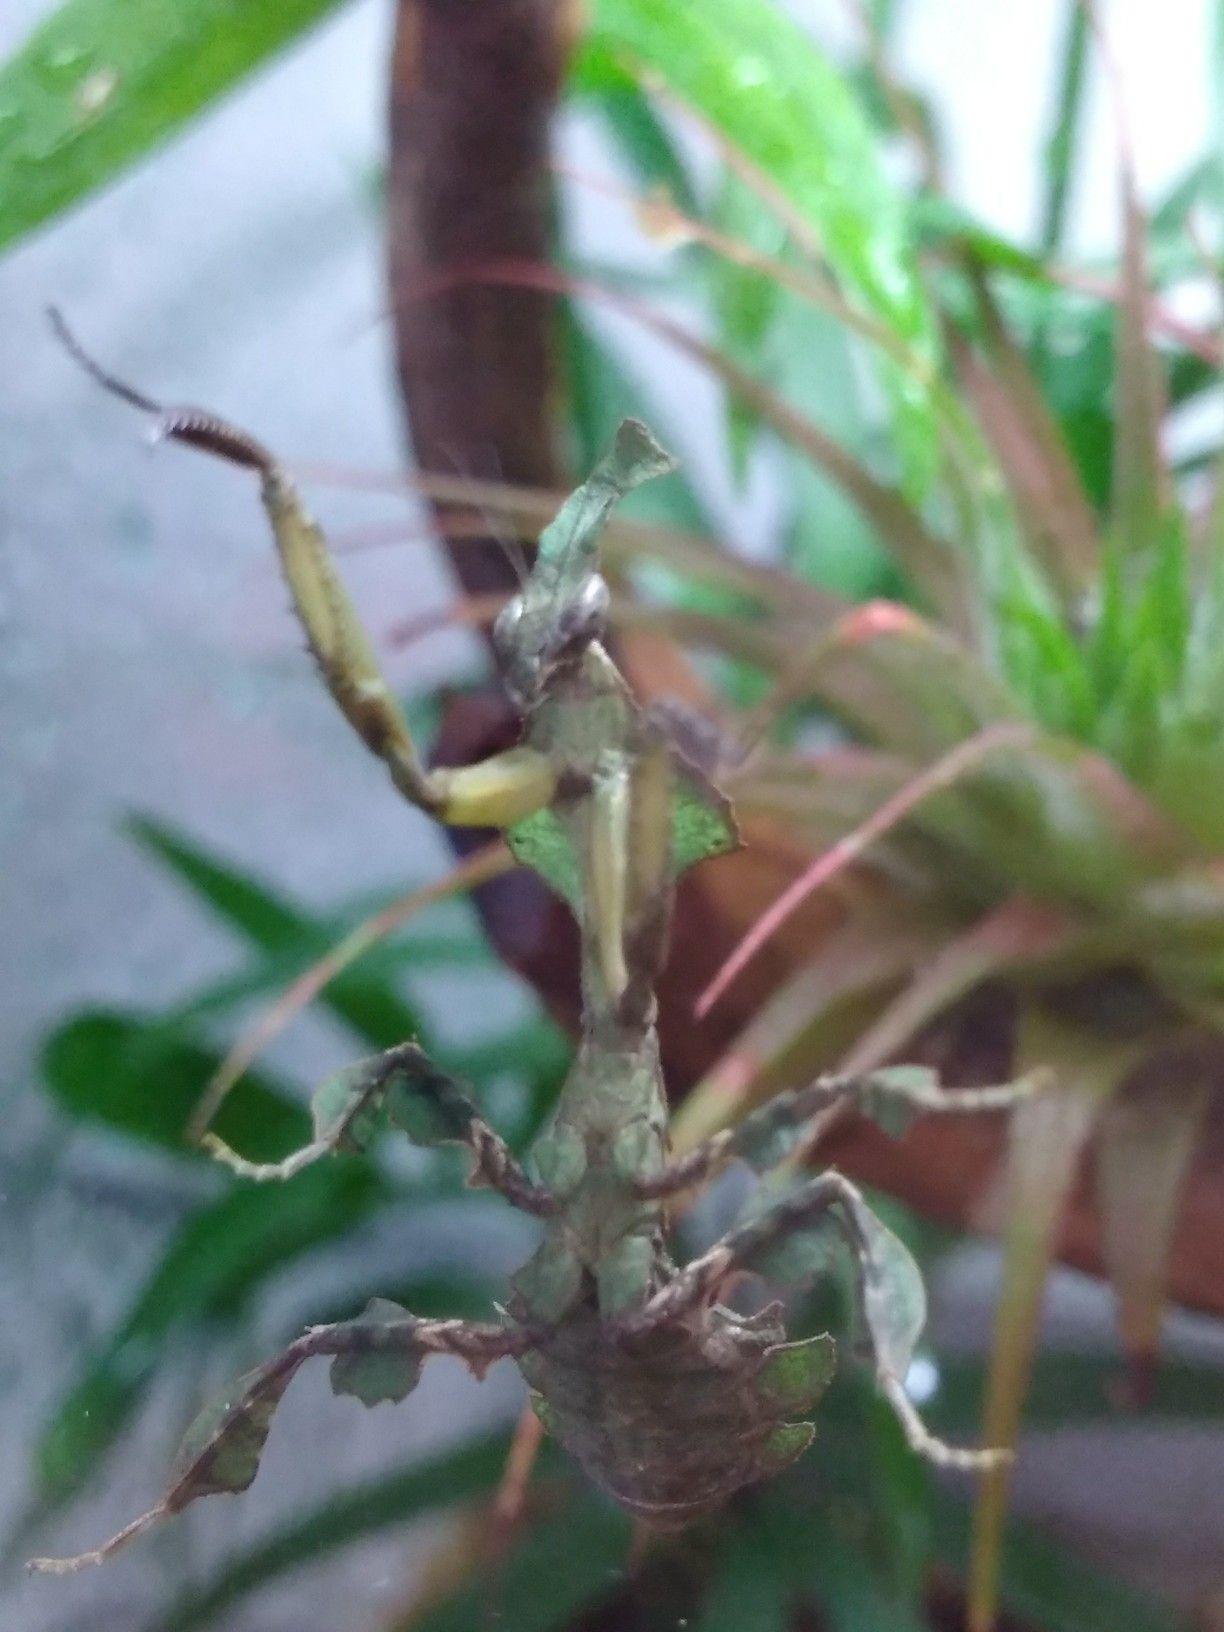 Pin By Patricia J On Praying Mantis My Ghost Praying Mantis Ghost